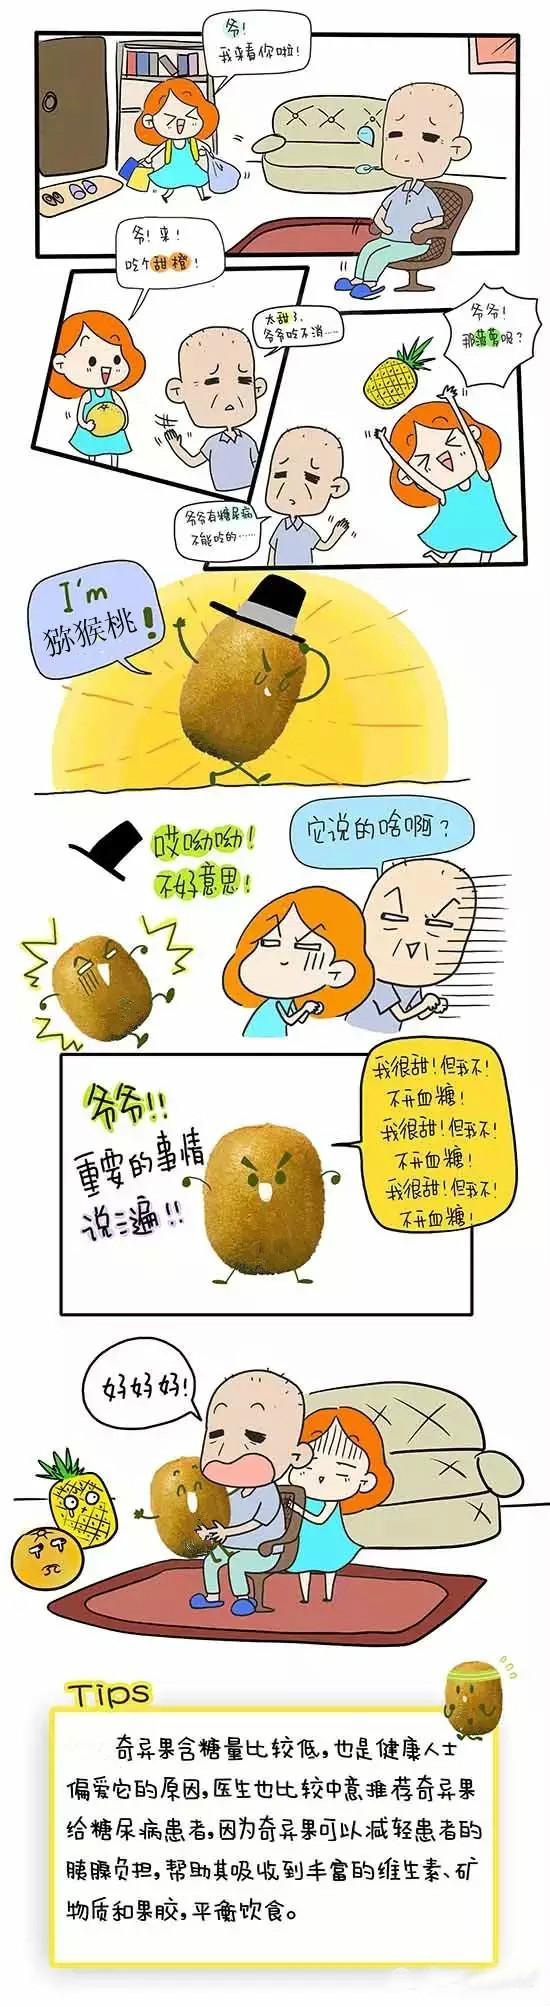 猕猴桃竟然是最适合老人吃的水果,你选对了吗?